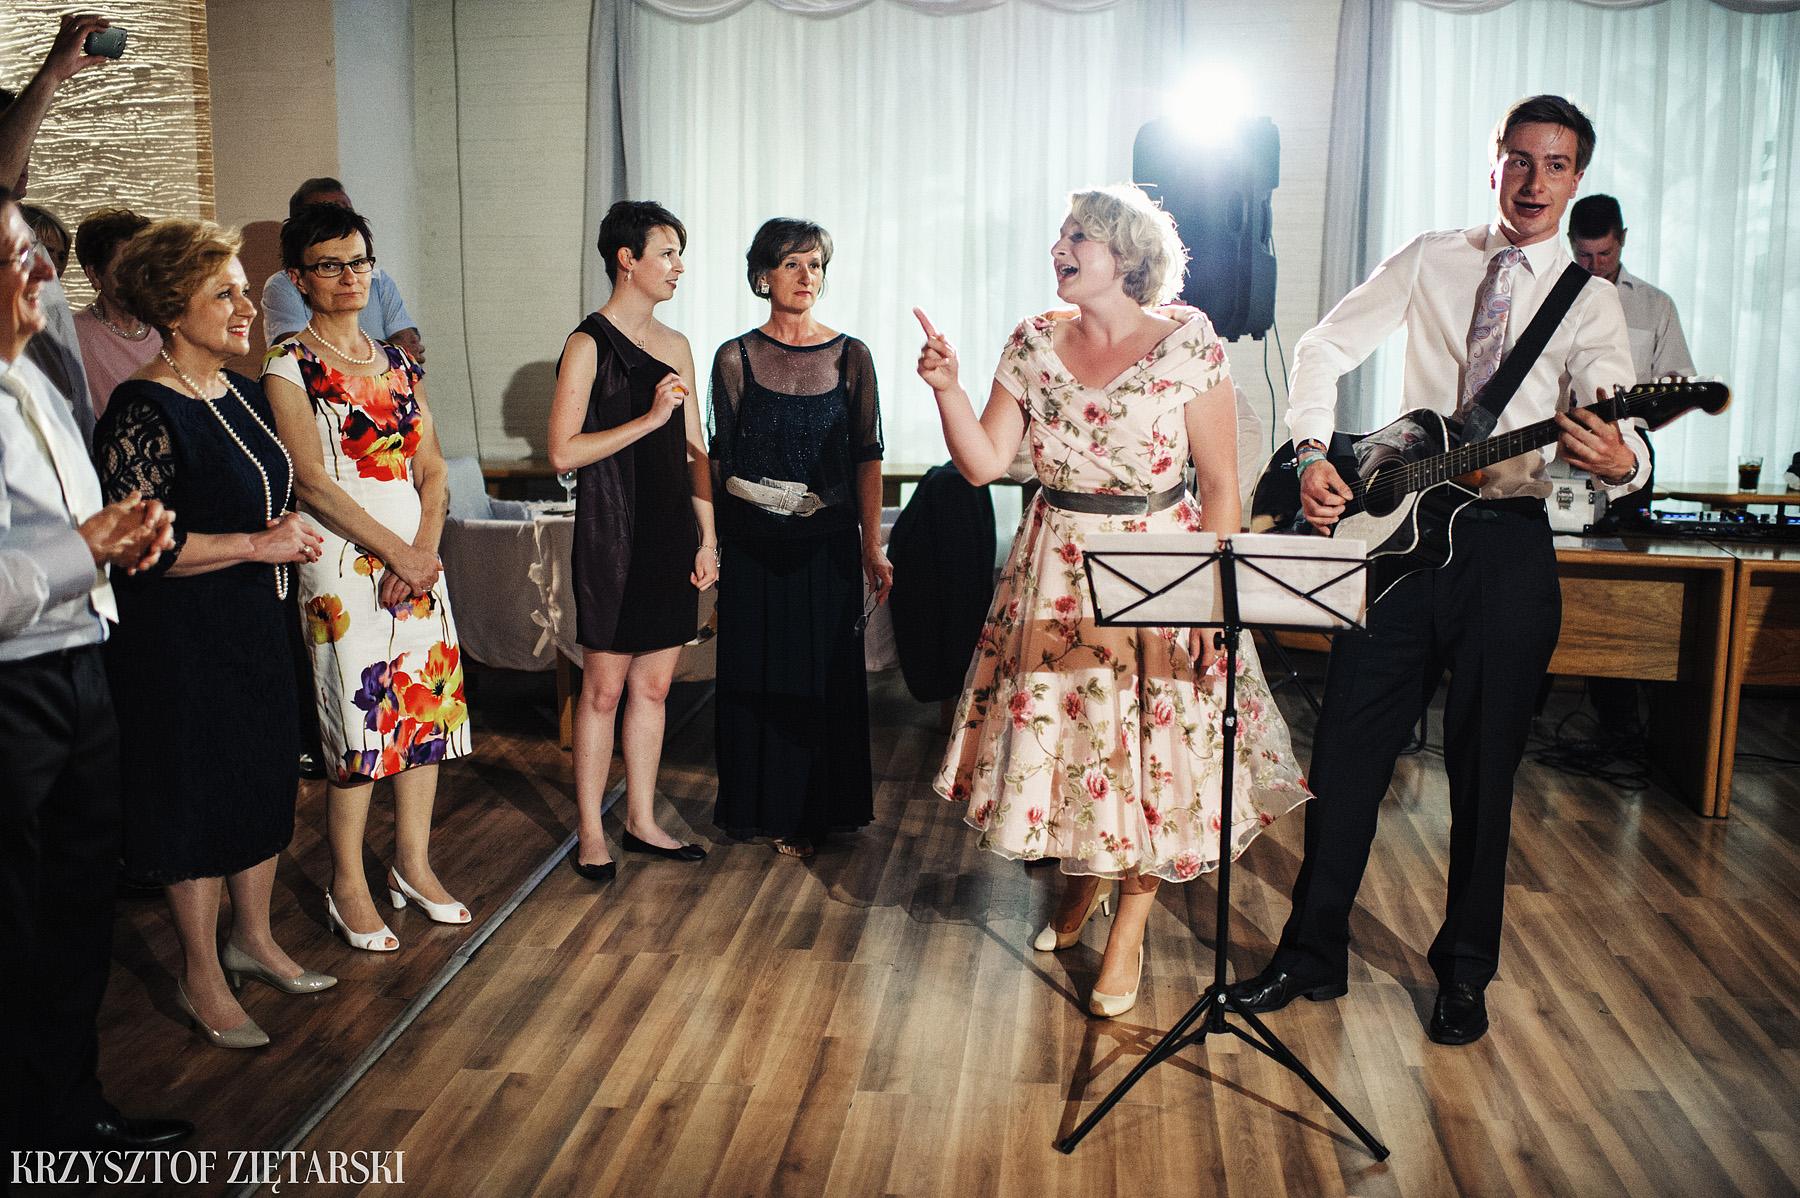 Ola i Grzegorz - Fotografia ślubna Gdynia, Kolegiata NMP, wesele restauracja COCO, plener na Darze Pomorza - 70.